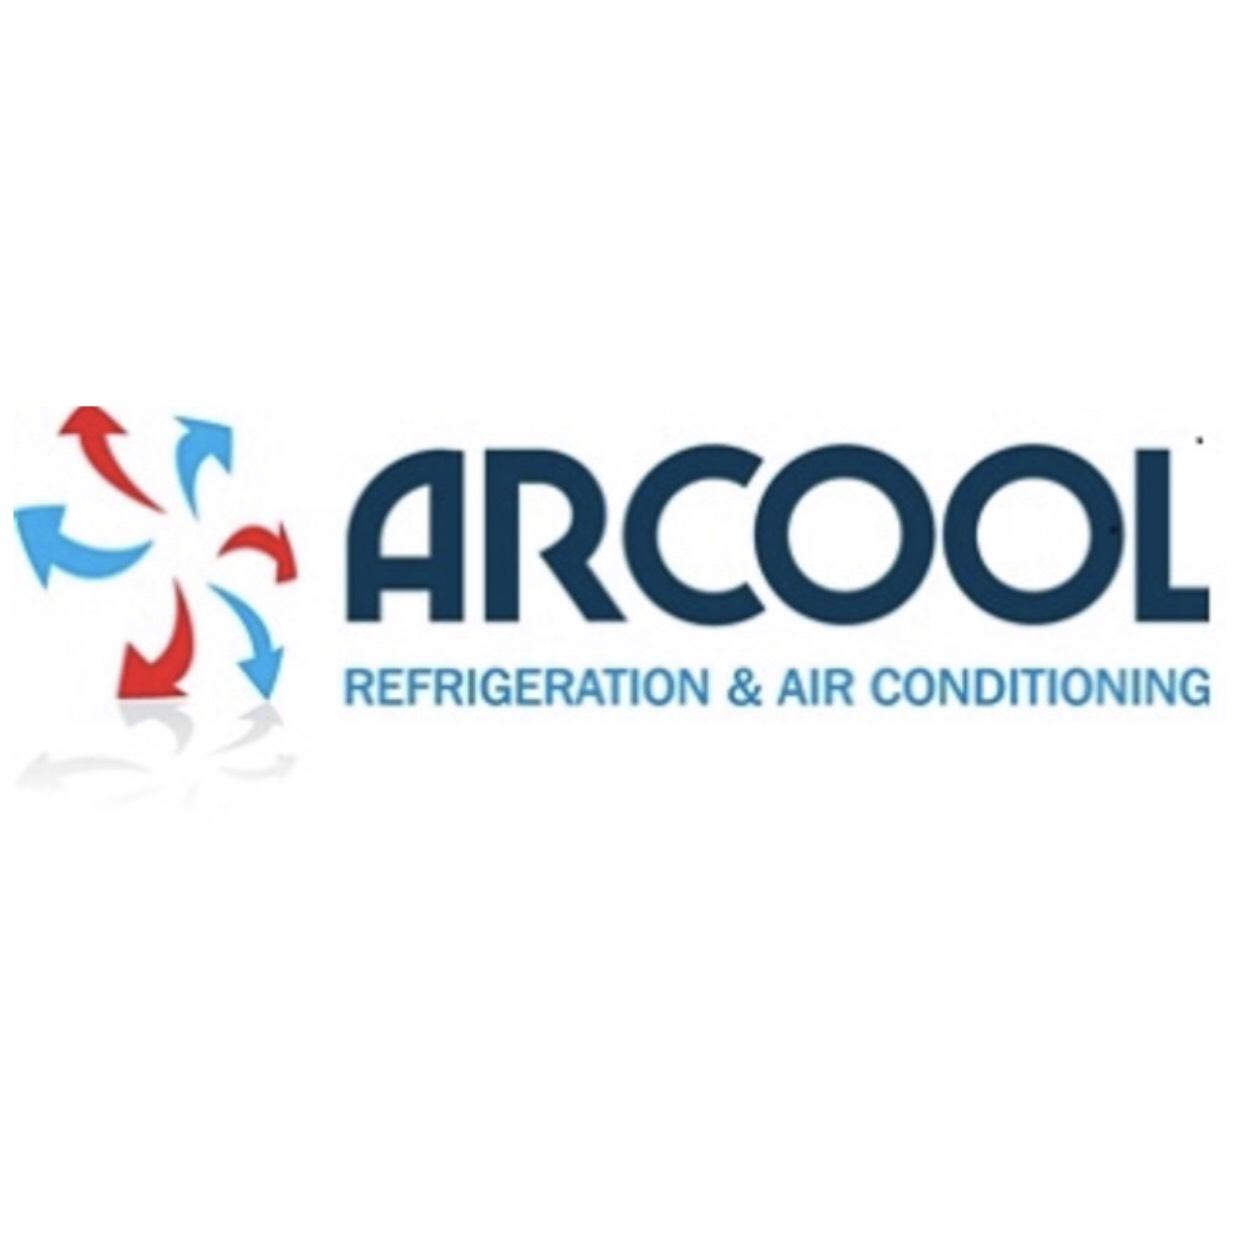 Arcool Ltd